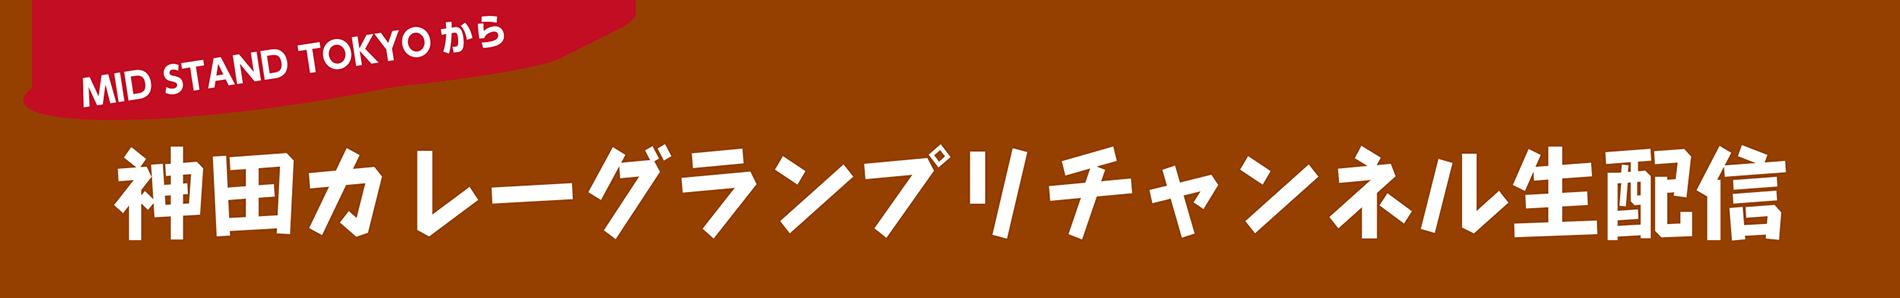 神田カレーグランプリチャンネル生配信